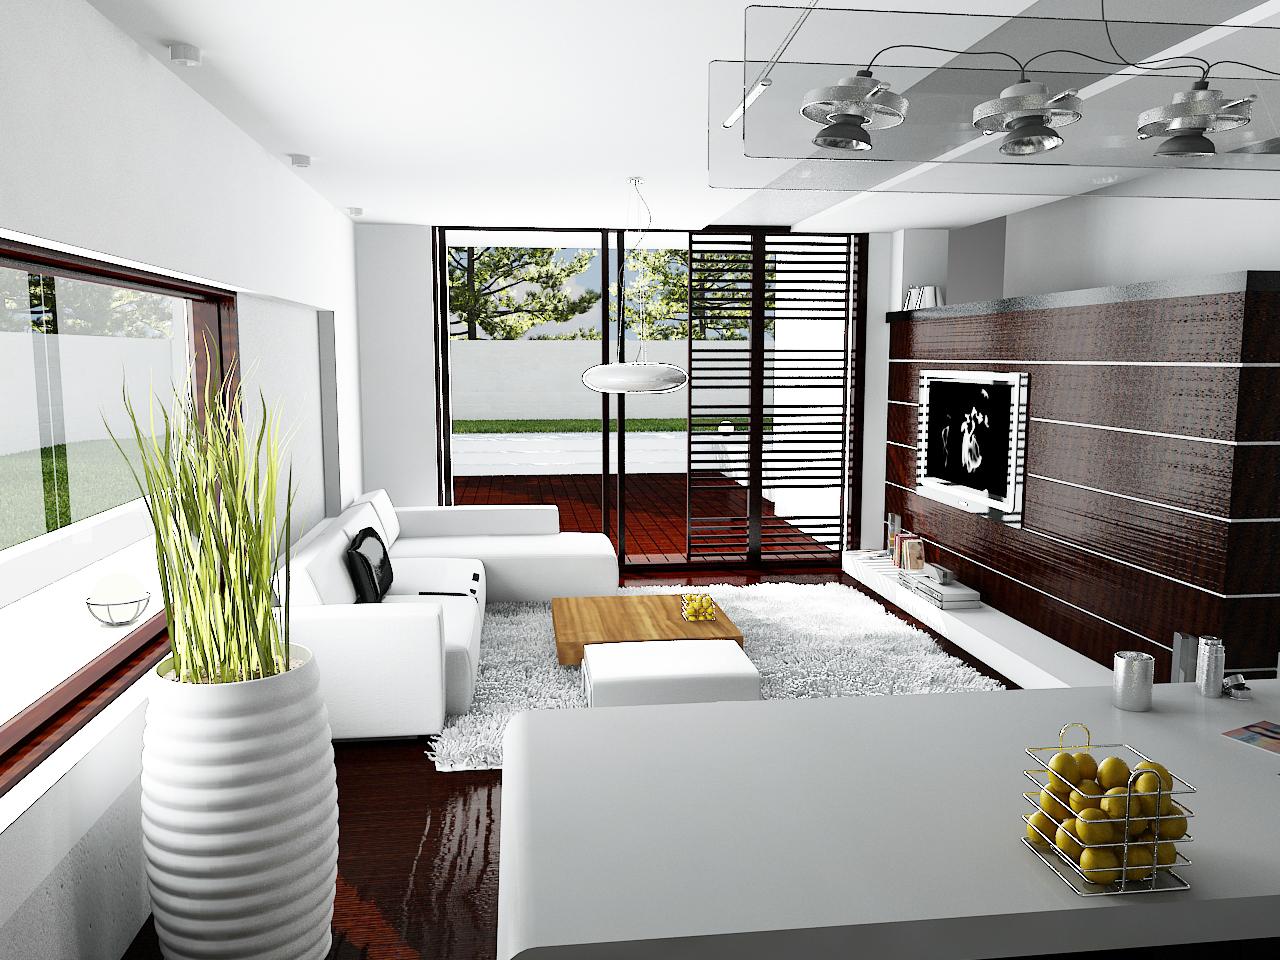 Casa moderna aw 008 proiect casa 13 arhipura for Casa moderne